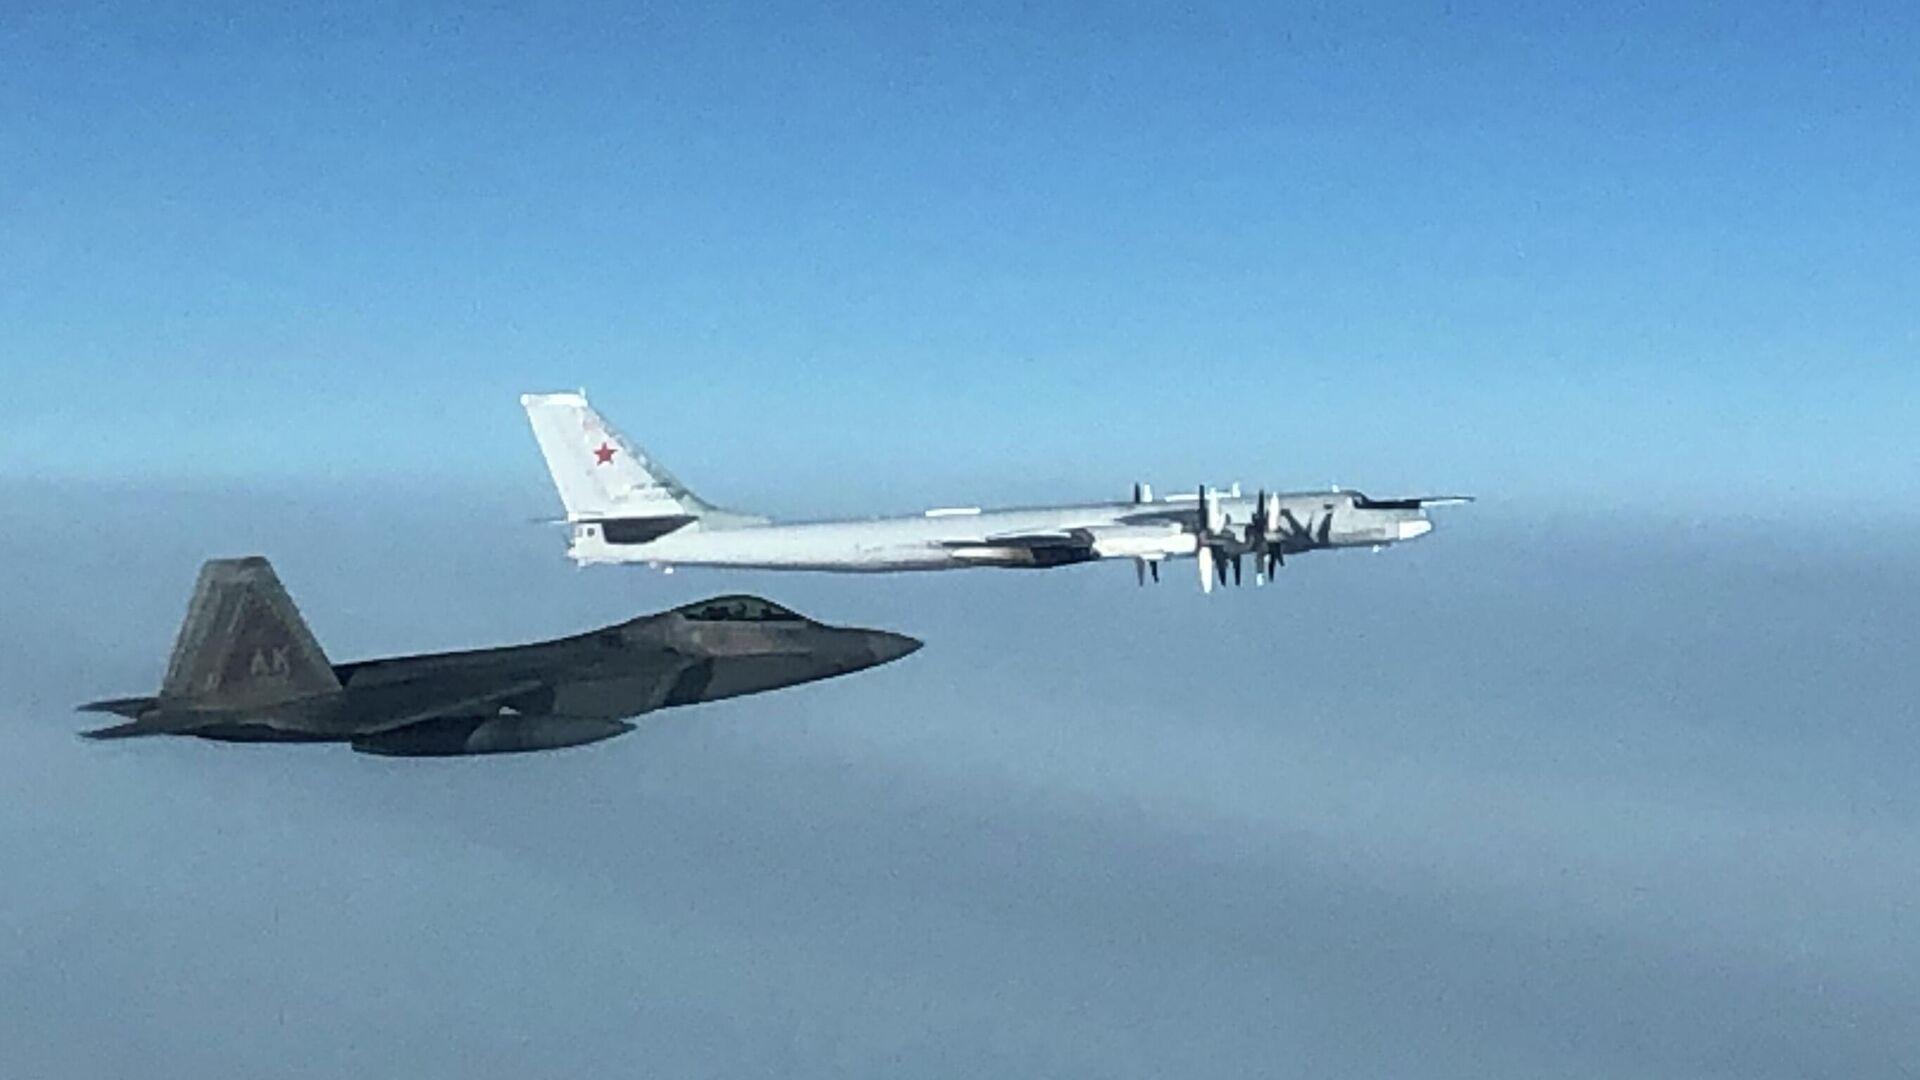 Истребитель F-22 командования воздушно-космической обороны США и российский бомбардировщик Ту-95 в небе у берегов Аляски - РИА Новости, 1920, 20.10.2020